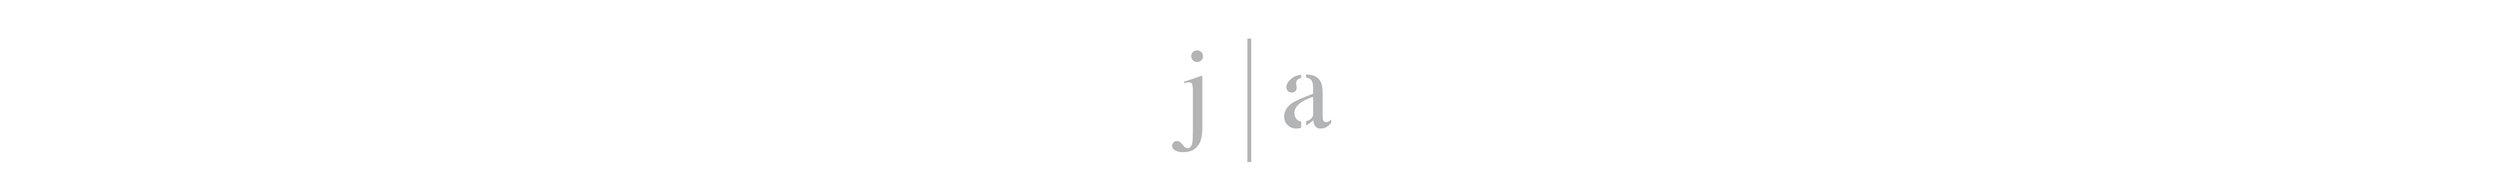 jade allen logo_website footer copy.jpg